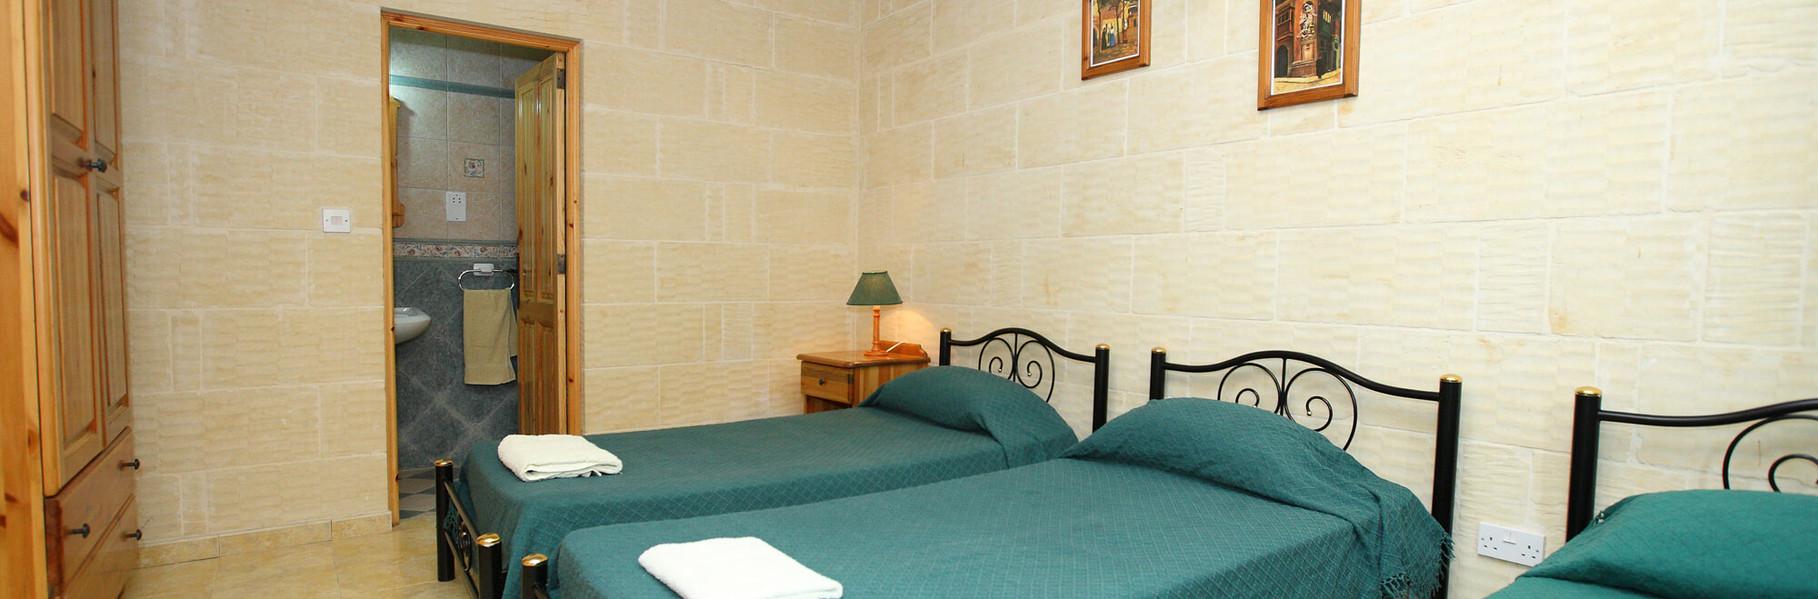 triple-bedroom-3deb.jpg